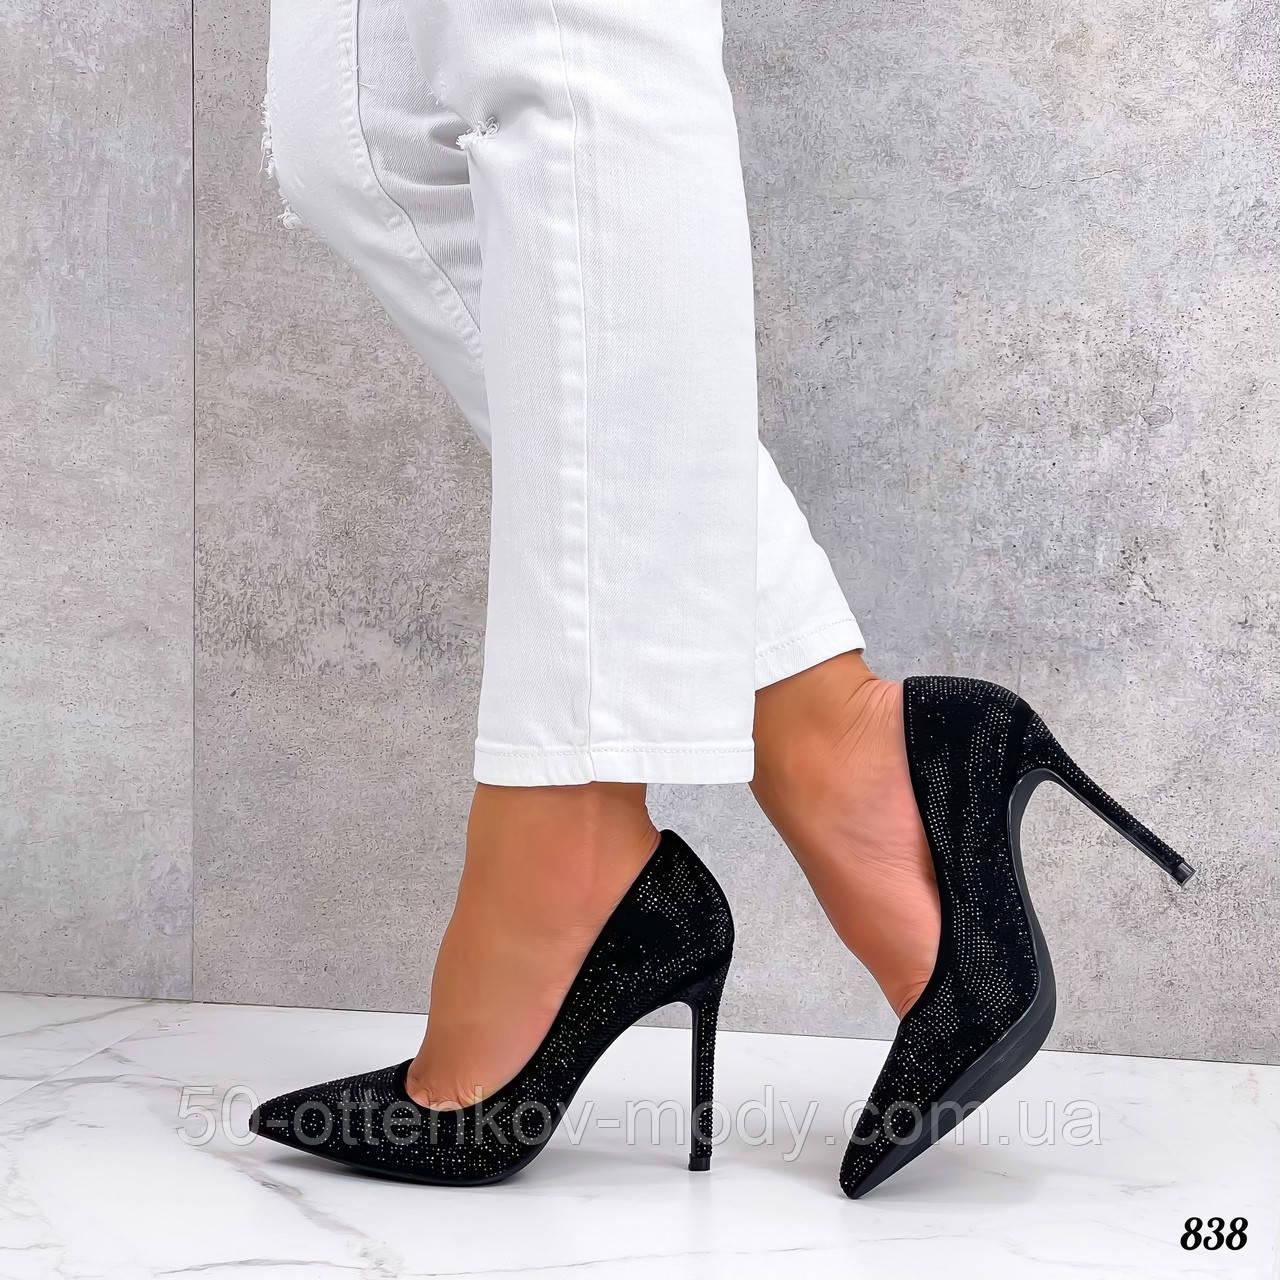 Жіночий класичні туфлі зі стразами на шпильці бежеві чорні